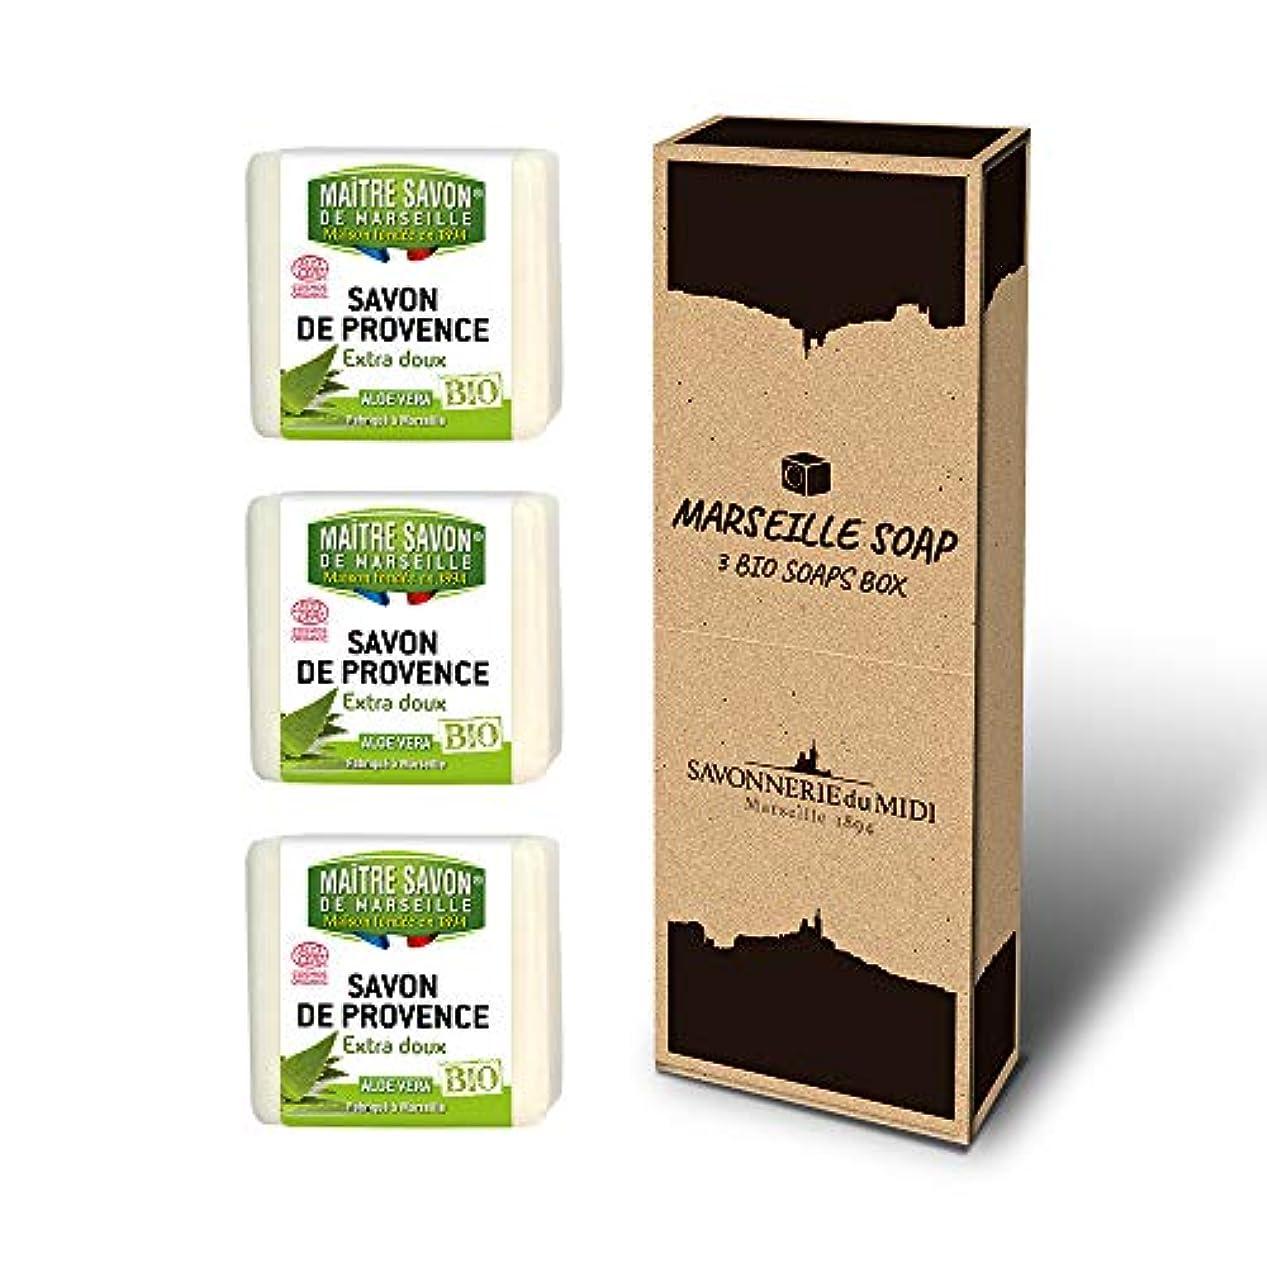 ピカリングバケツ惑星マルセイユソープ 3BIO SOAPS BOX (アロエベラ)